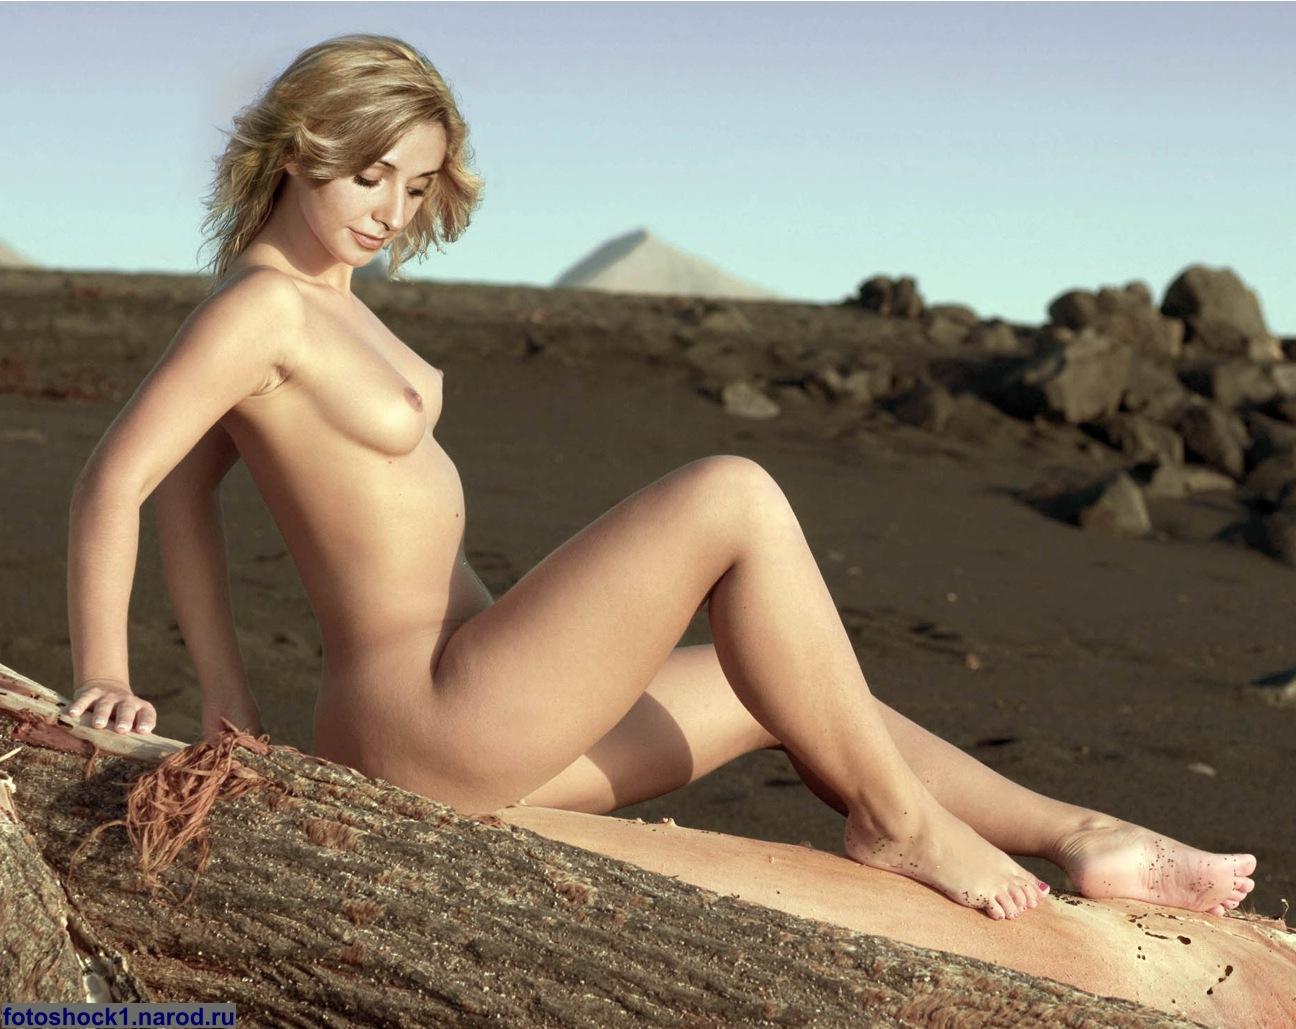 Смотреть бесплатно голая навка 5 фотография